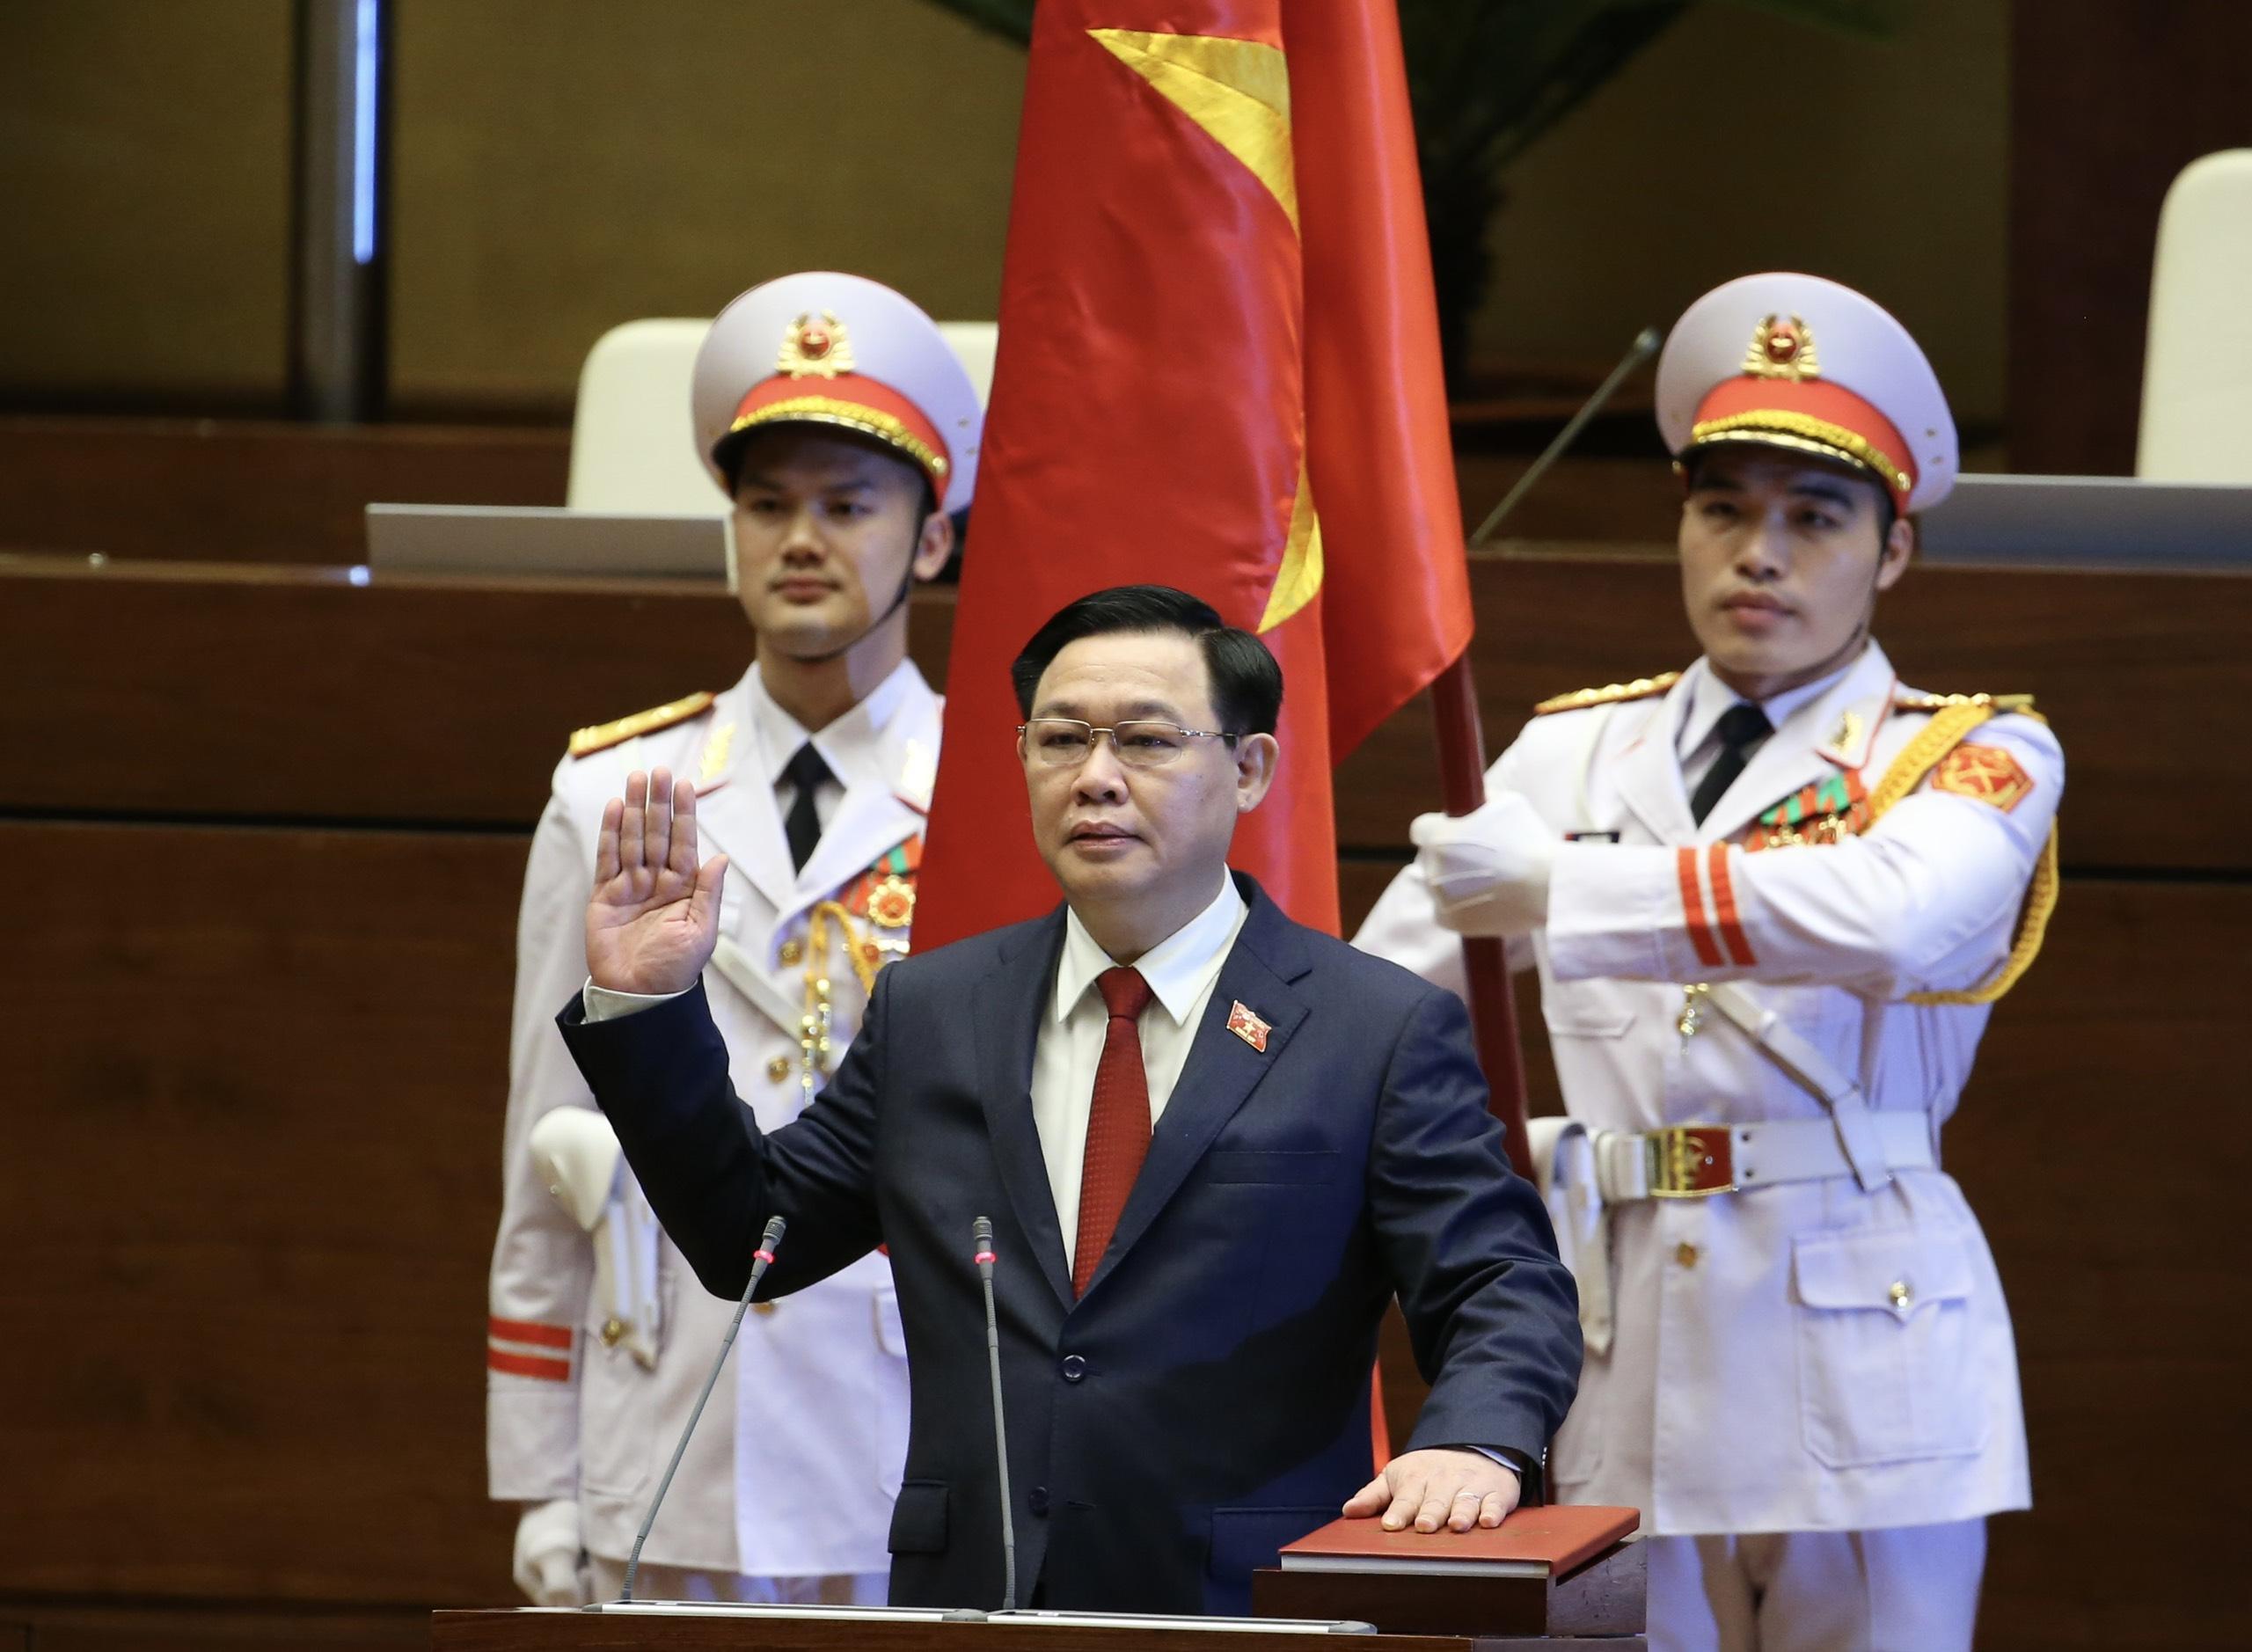 Chùm ảnh: Tân Chủ tịch Quốc hội tuyên thệ nhậm chức, điều hành phiên họp - Ảnh 3